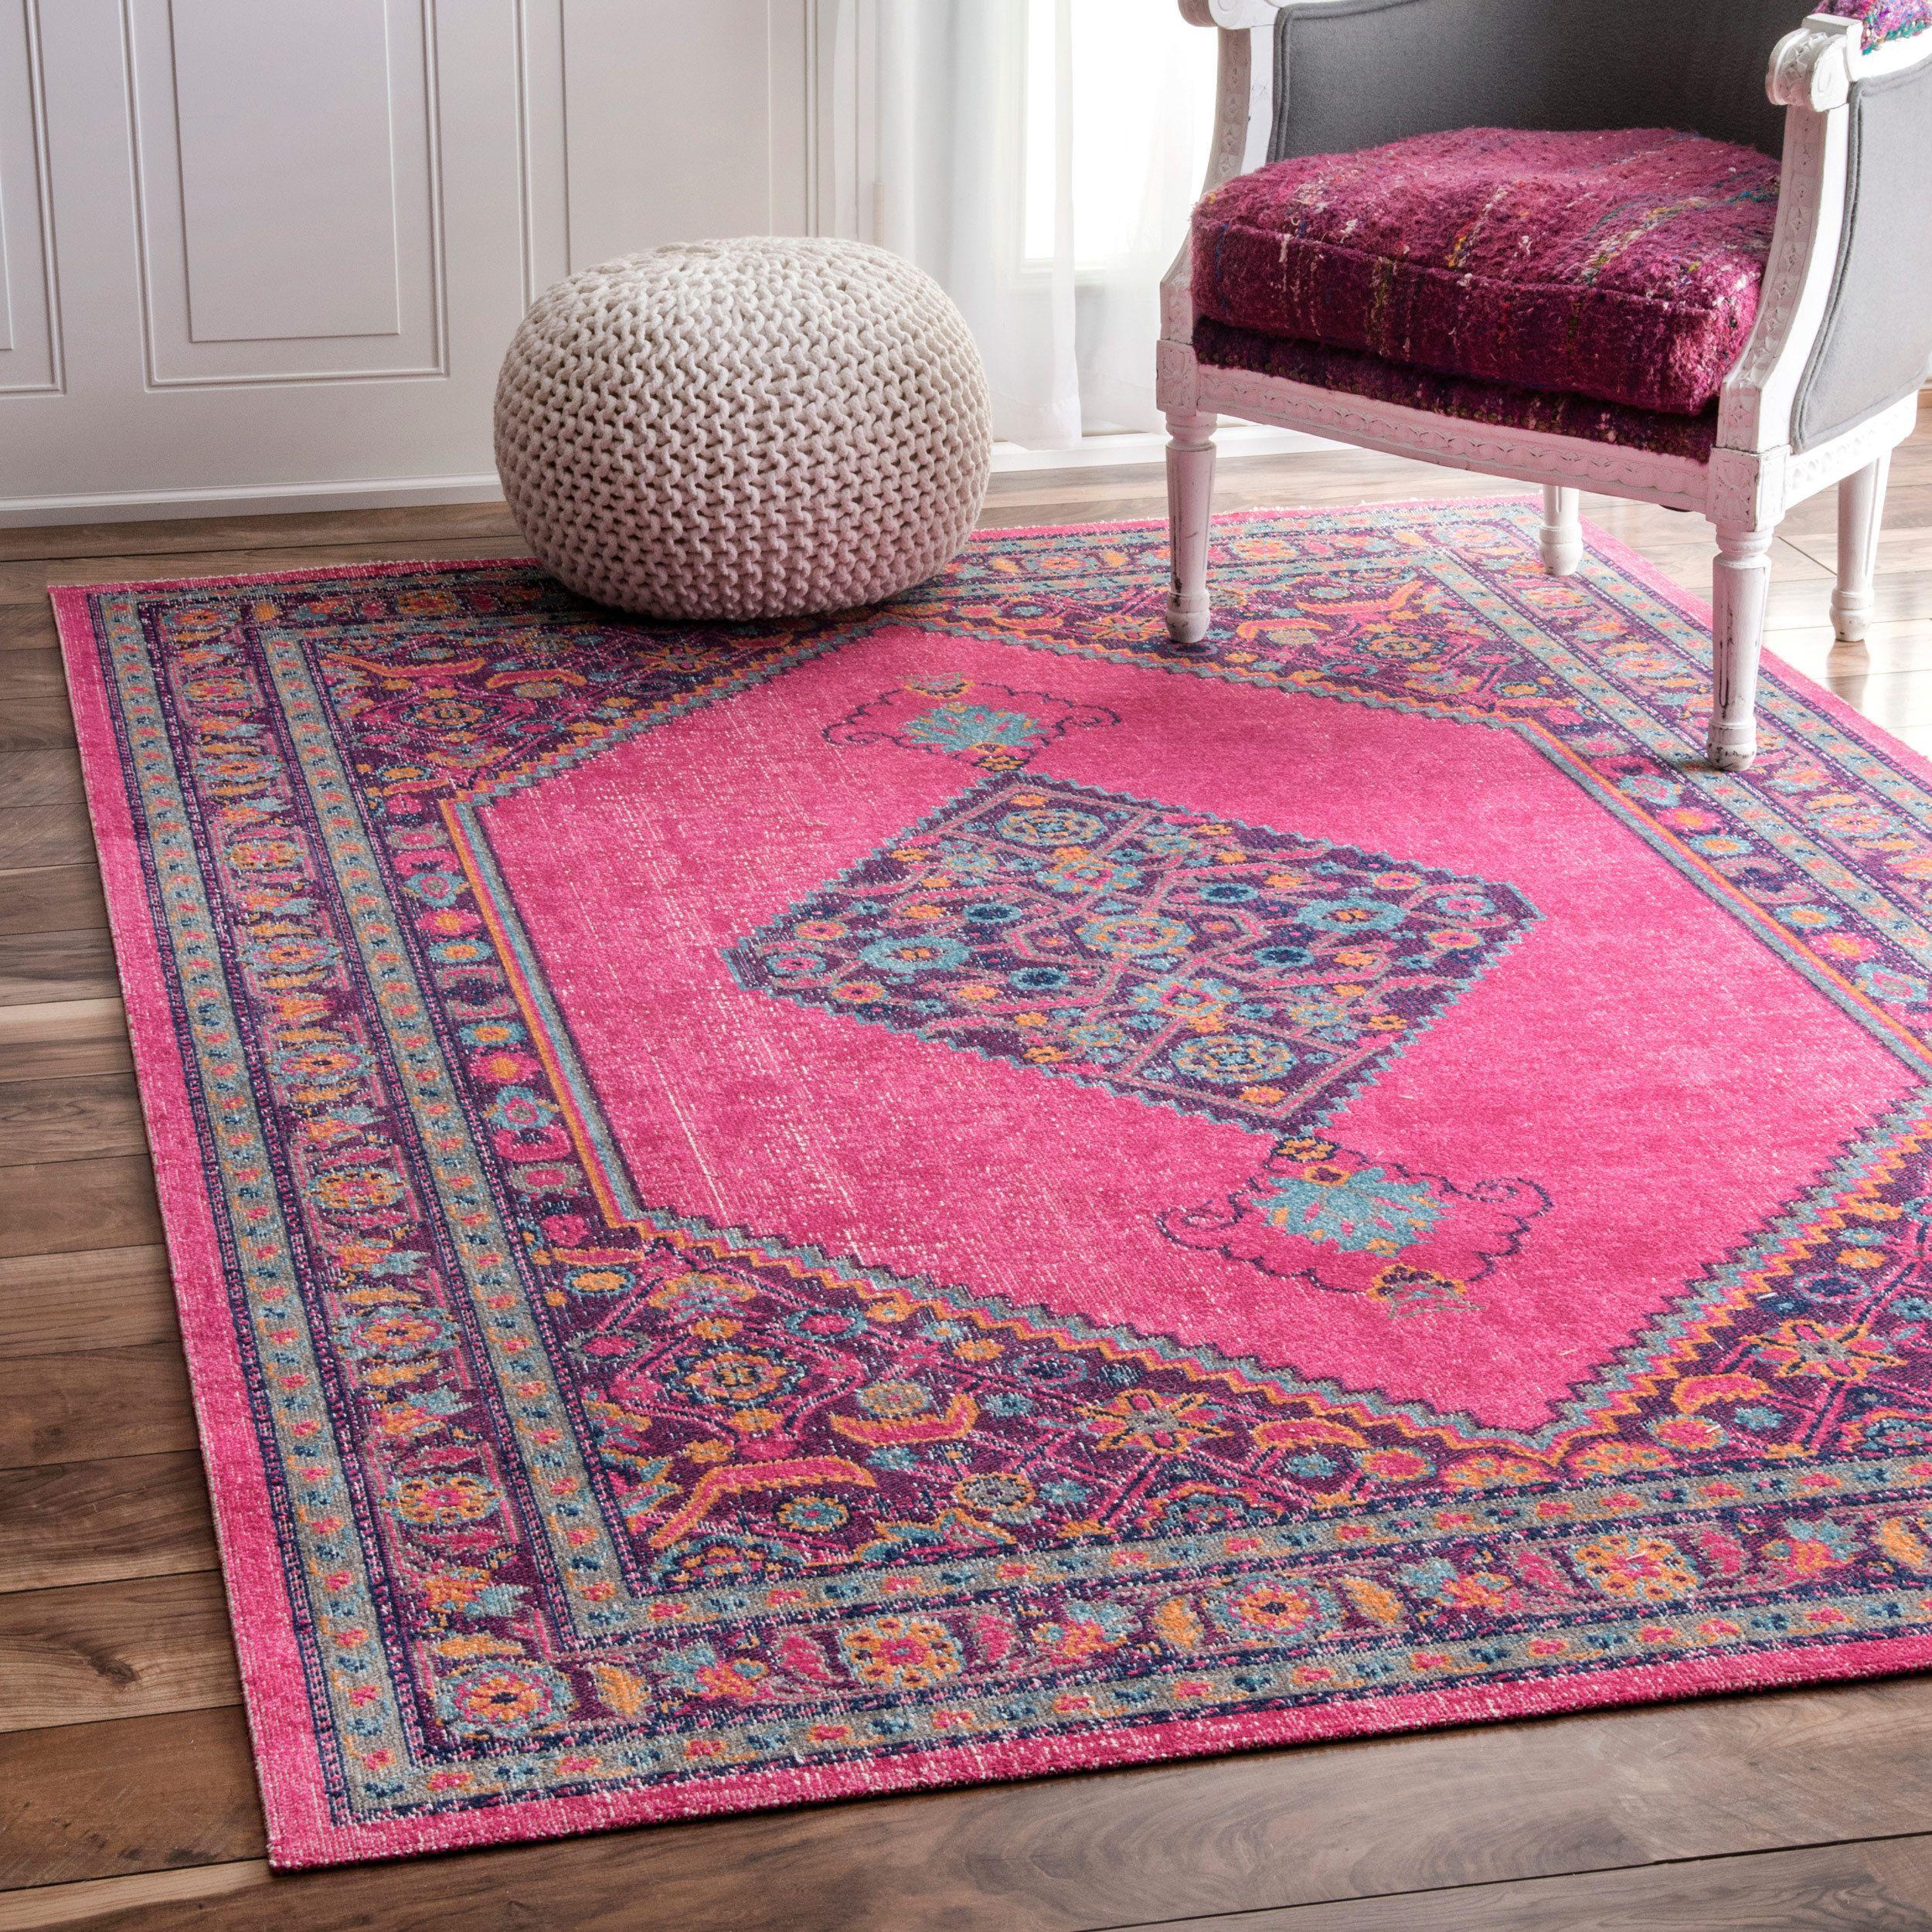 nuLOOM Vintage Persian Border Pink Rug 8 x 10 Pink rug